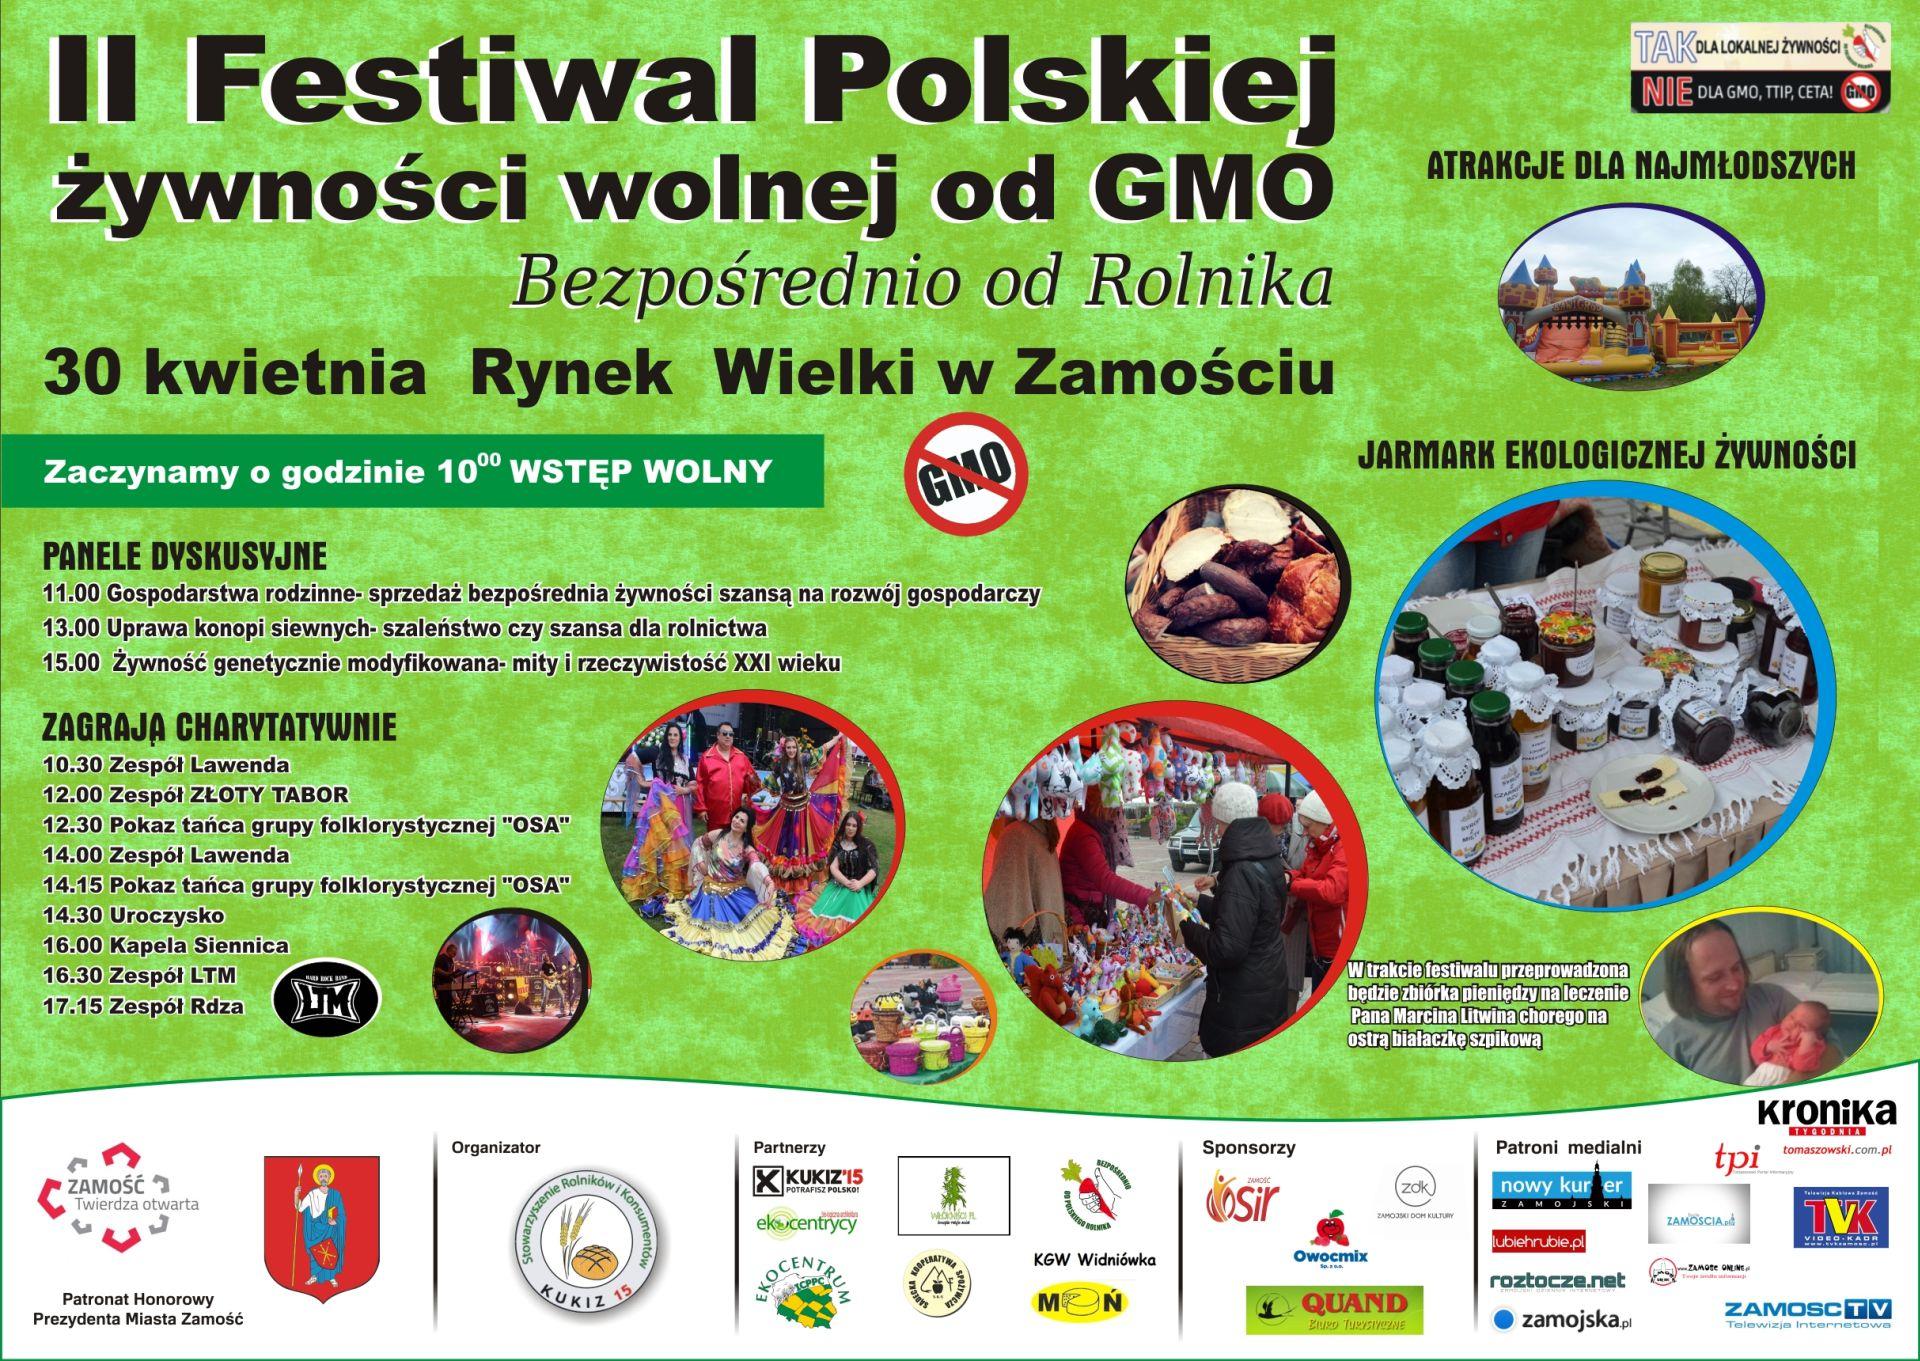 Plakat II festiwal żywnośći wolnej od GMO